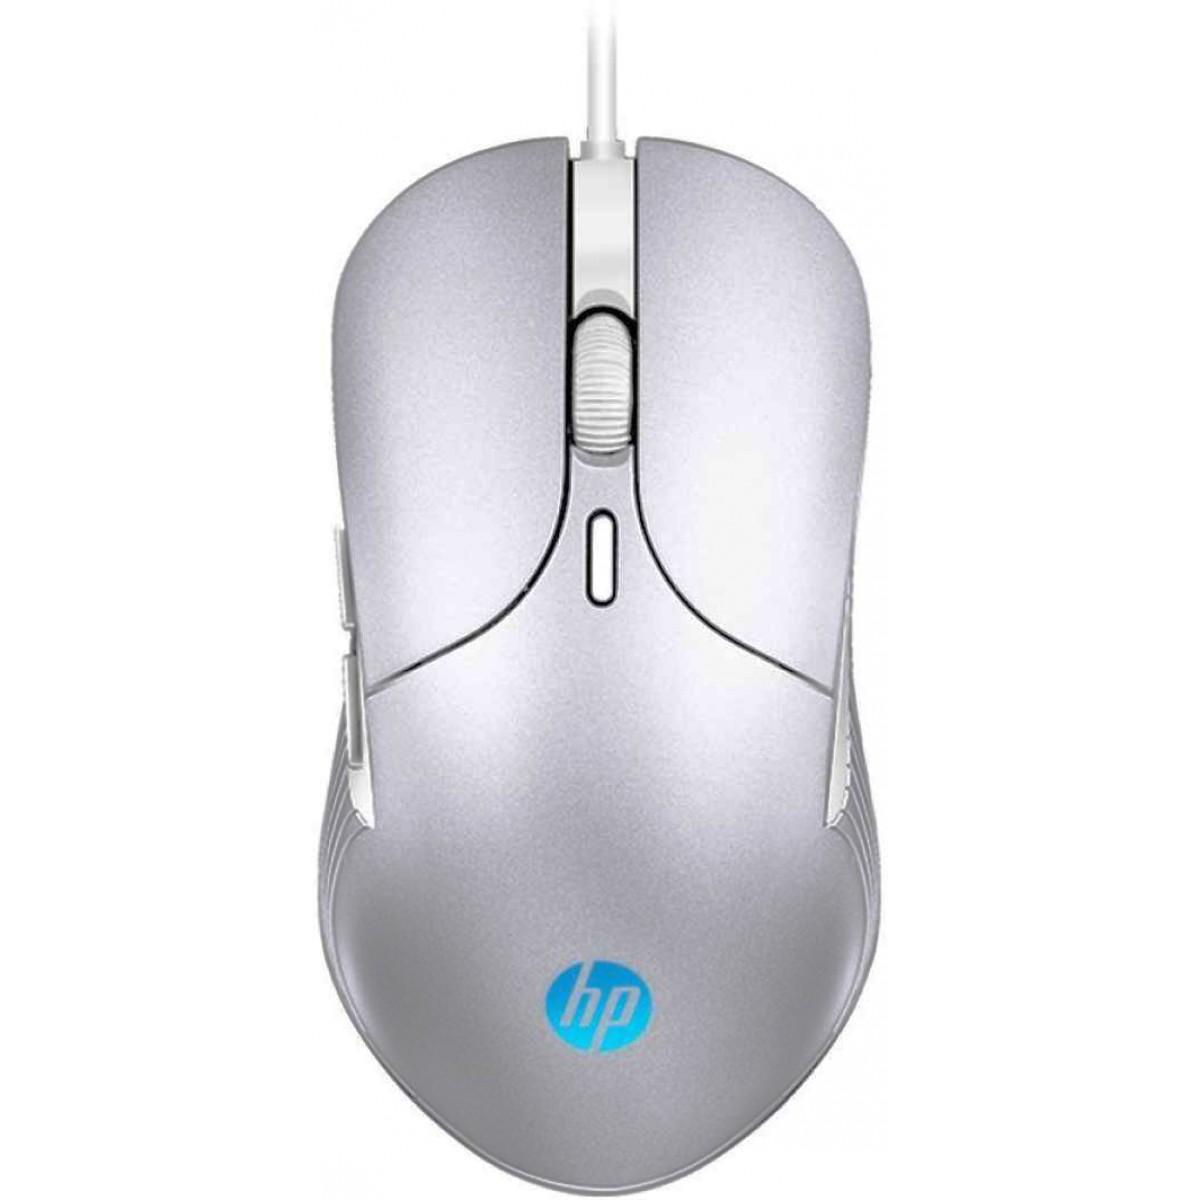 Mouse Gamer HP M280, 2400 DPI, LED RGB, 6 Botões Programáveis, Chumbo